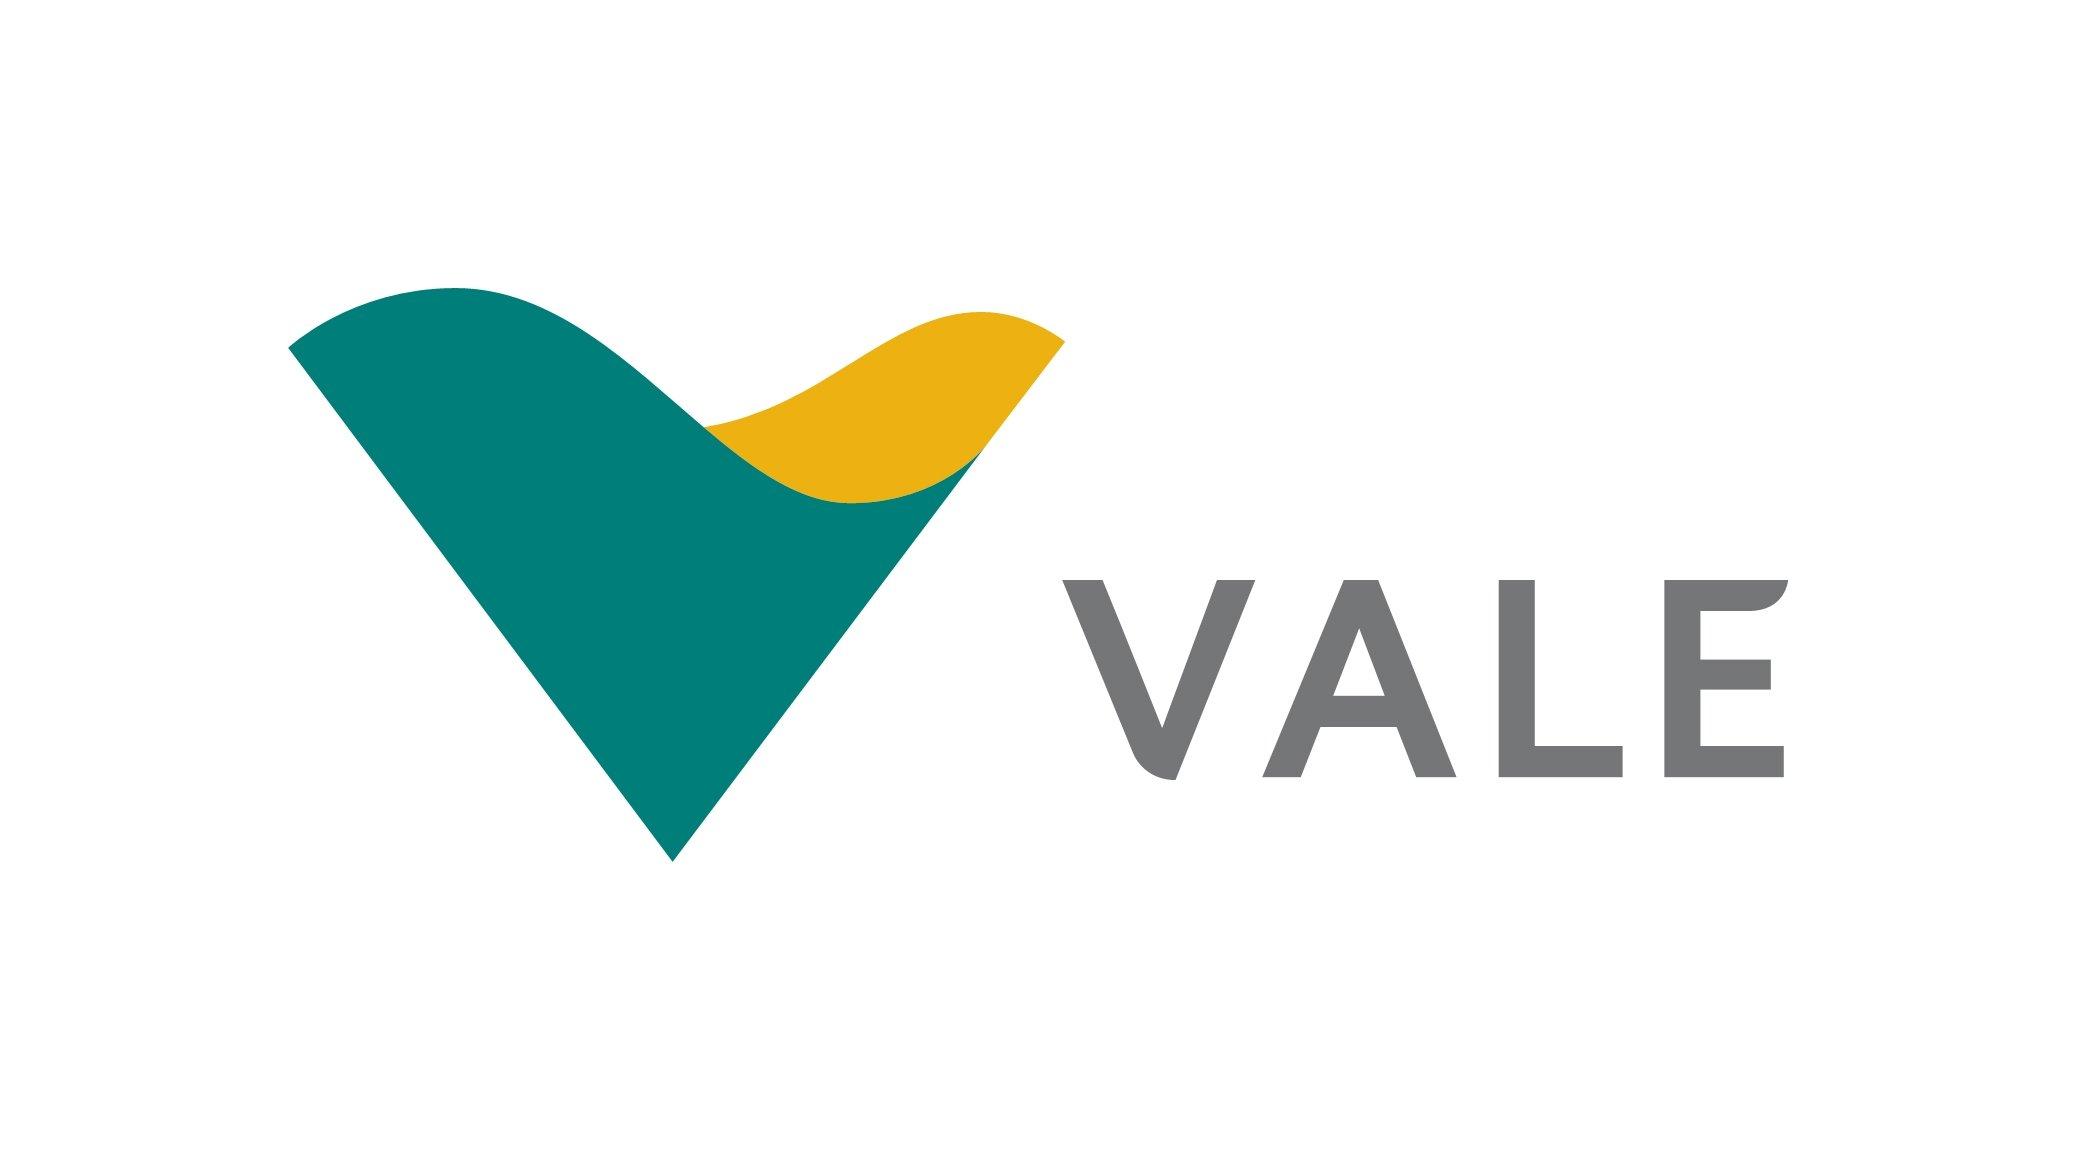 Vale Colour Logo